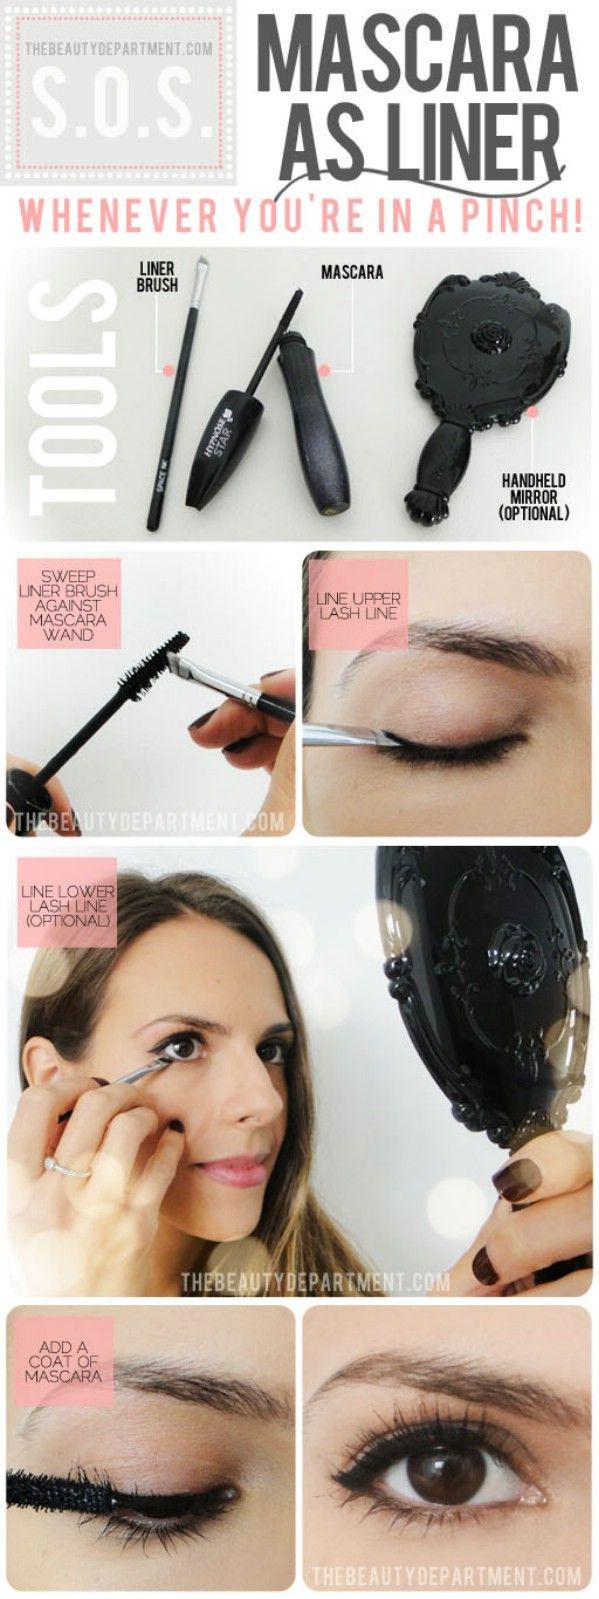 Utilice Mascara como Eye Liner - 40 de bricolaje belleza Hacks Que Son Genius Borderline